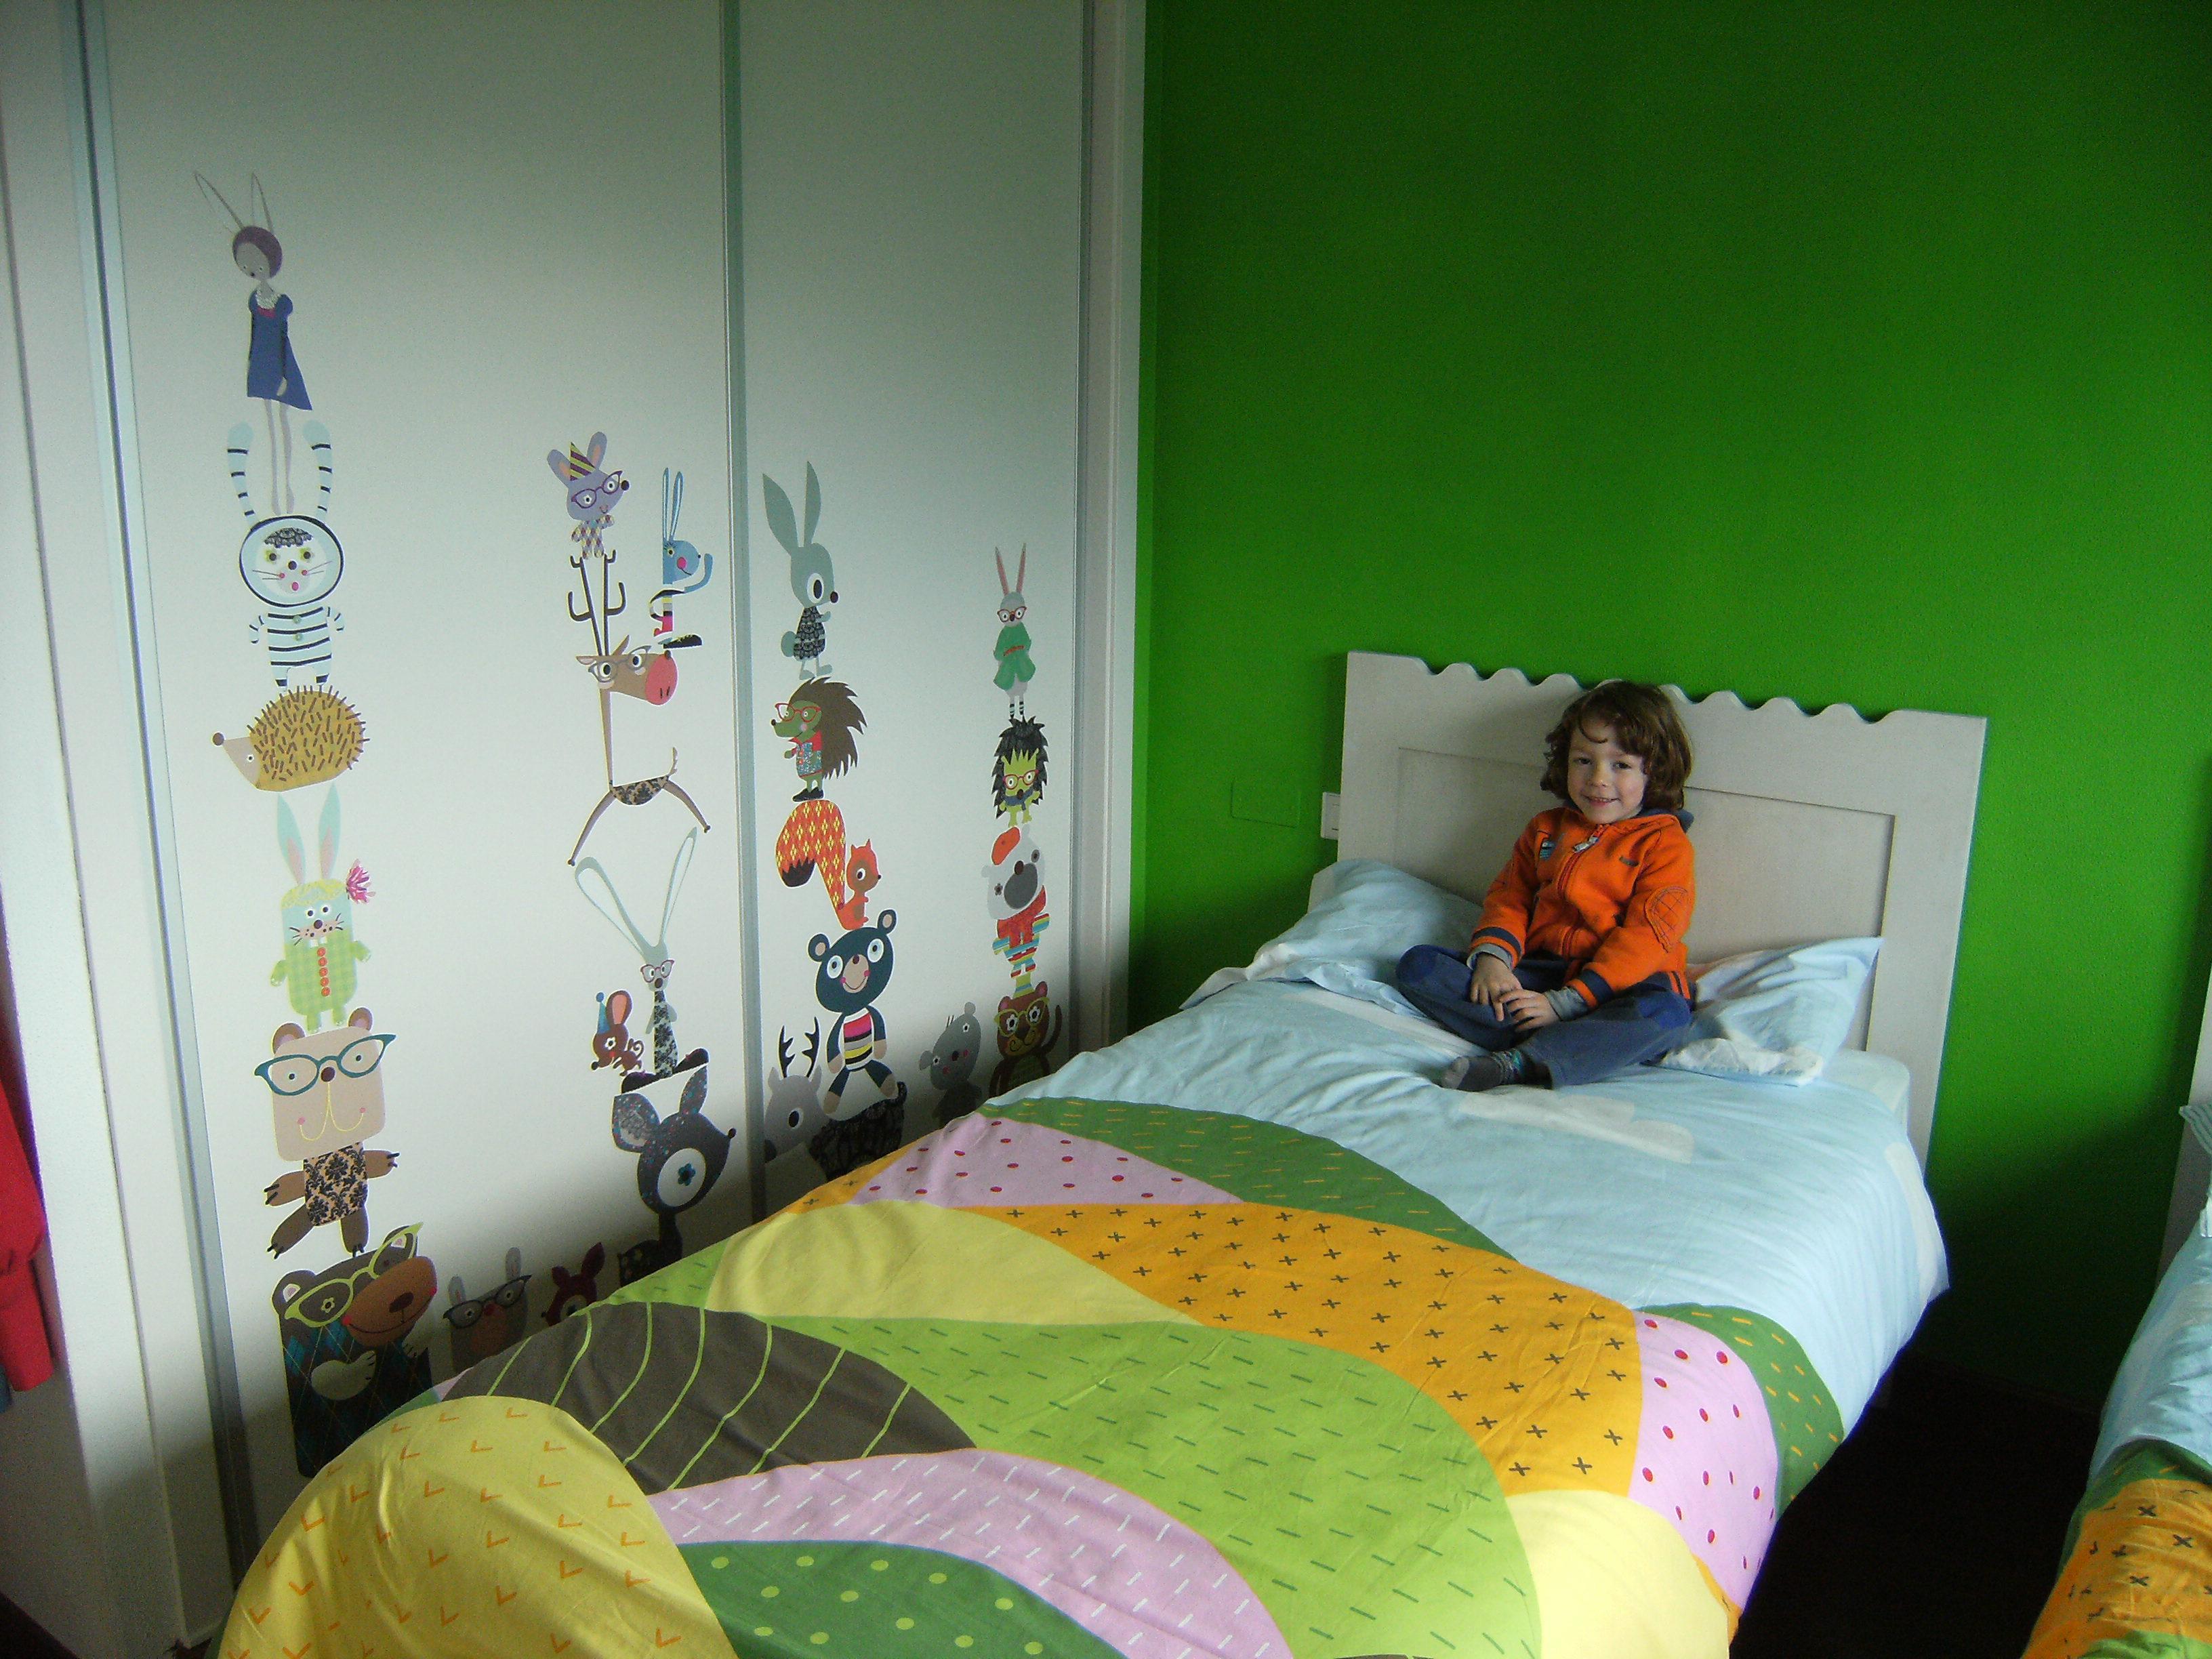 Vinilos decoracion muebles for Vinilos muebles infantiles